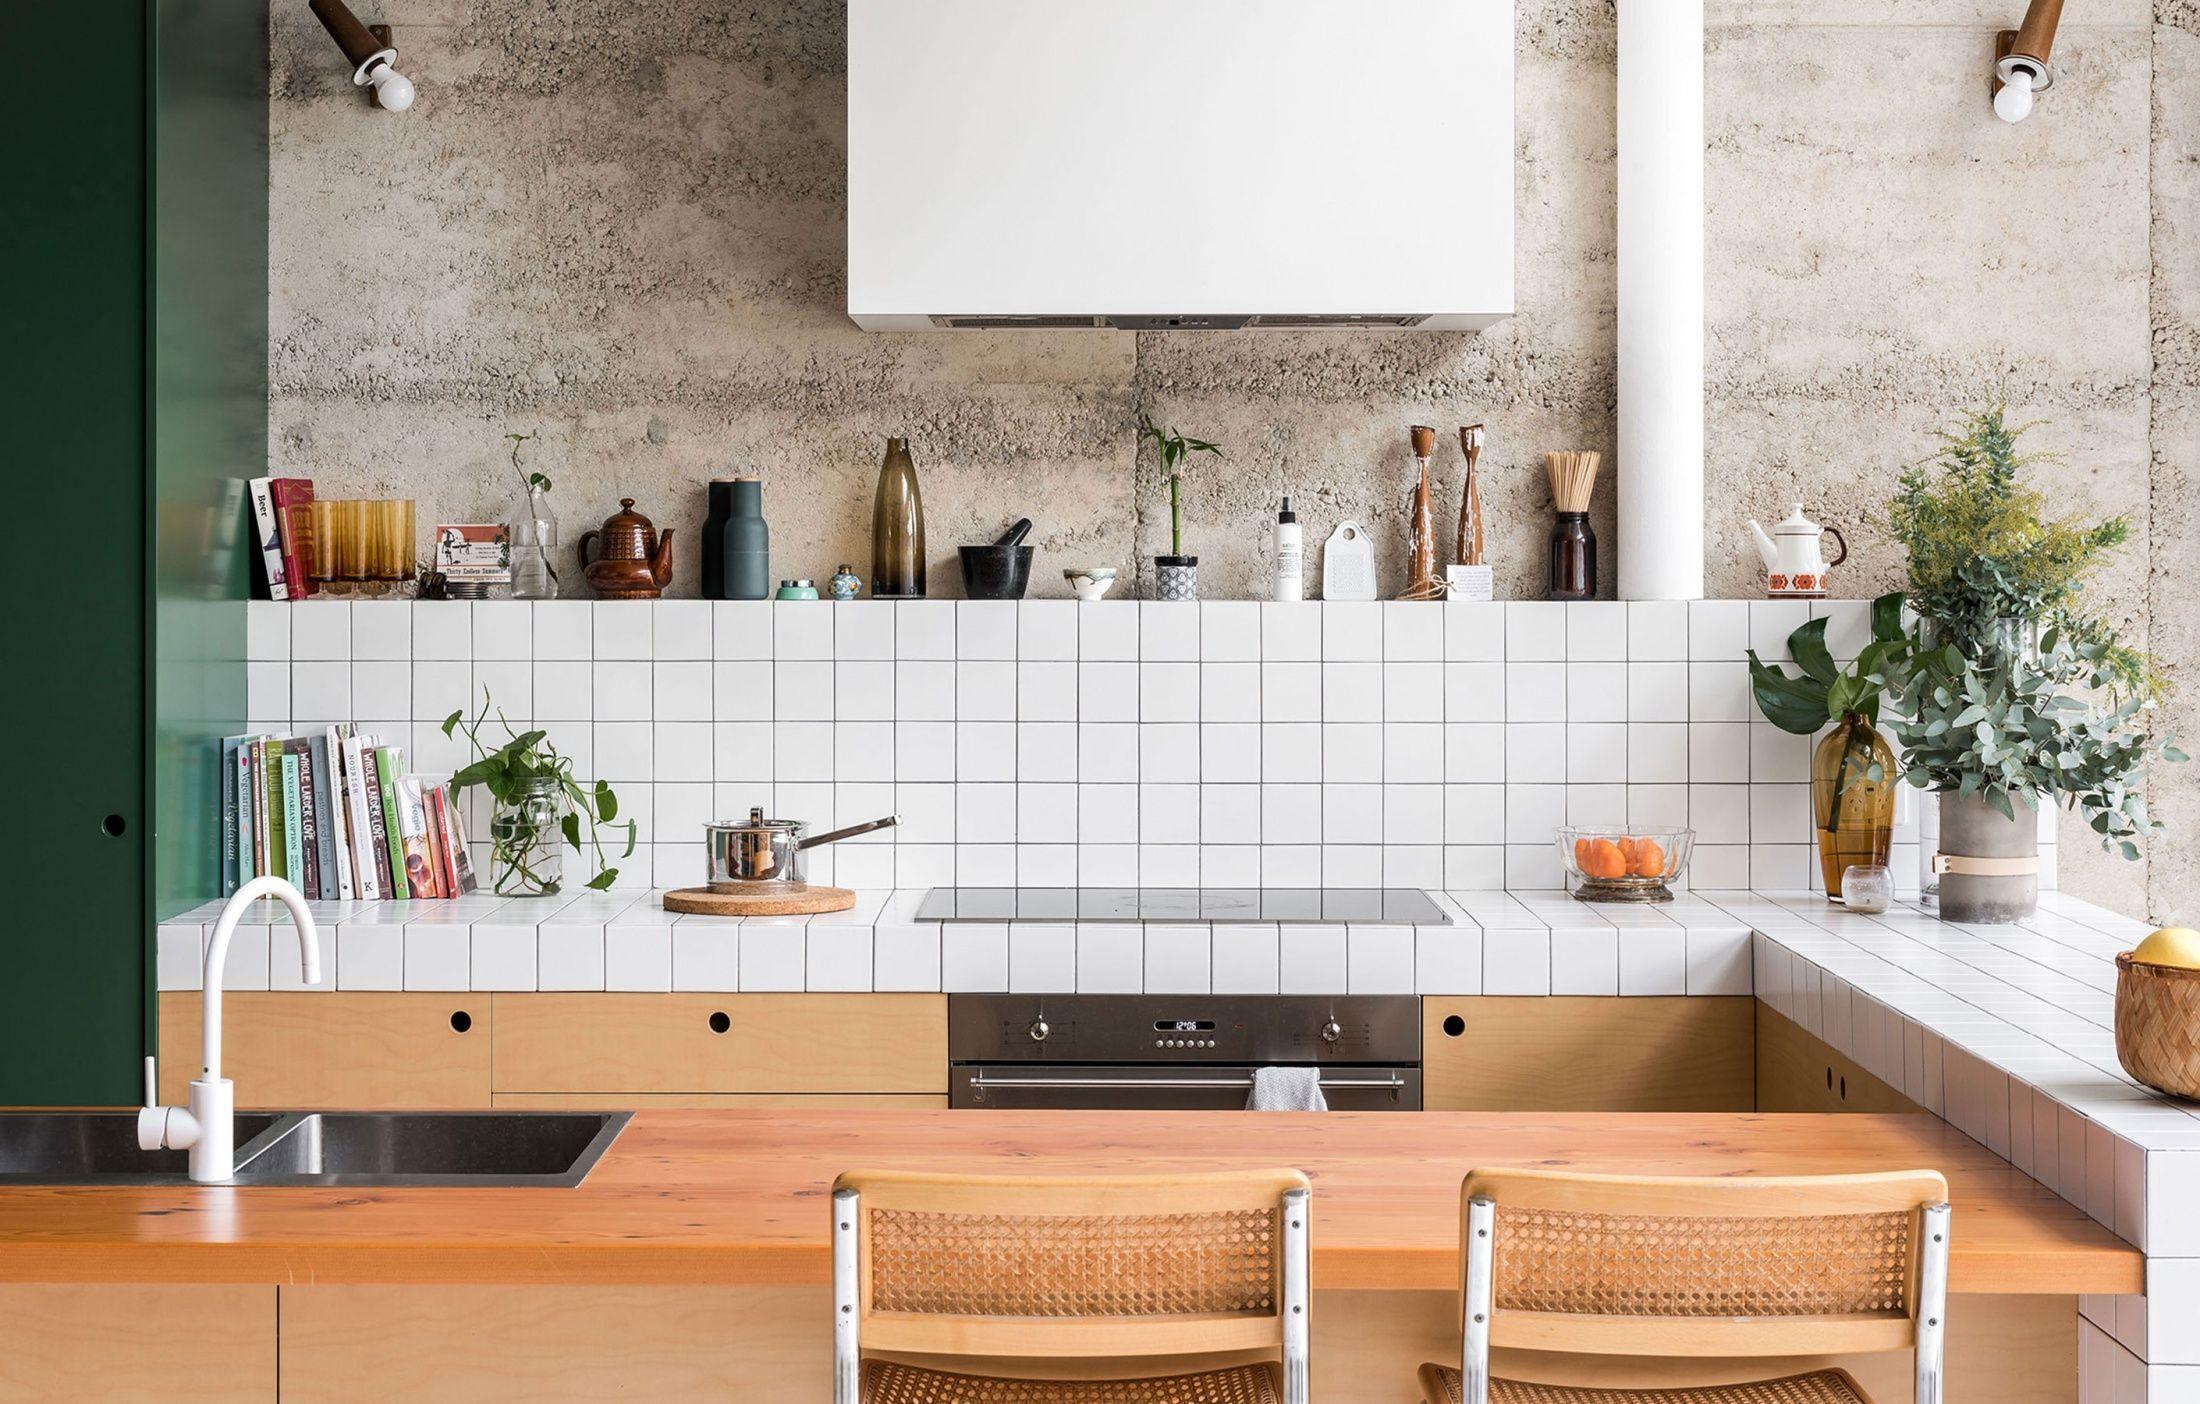 Berühmt Diy Australischen Küchen Zeitgenössisch - Ideen Für Die ...